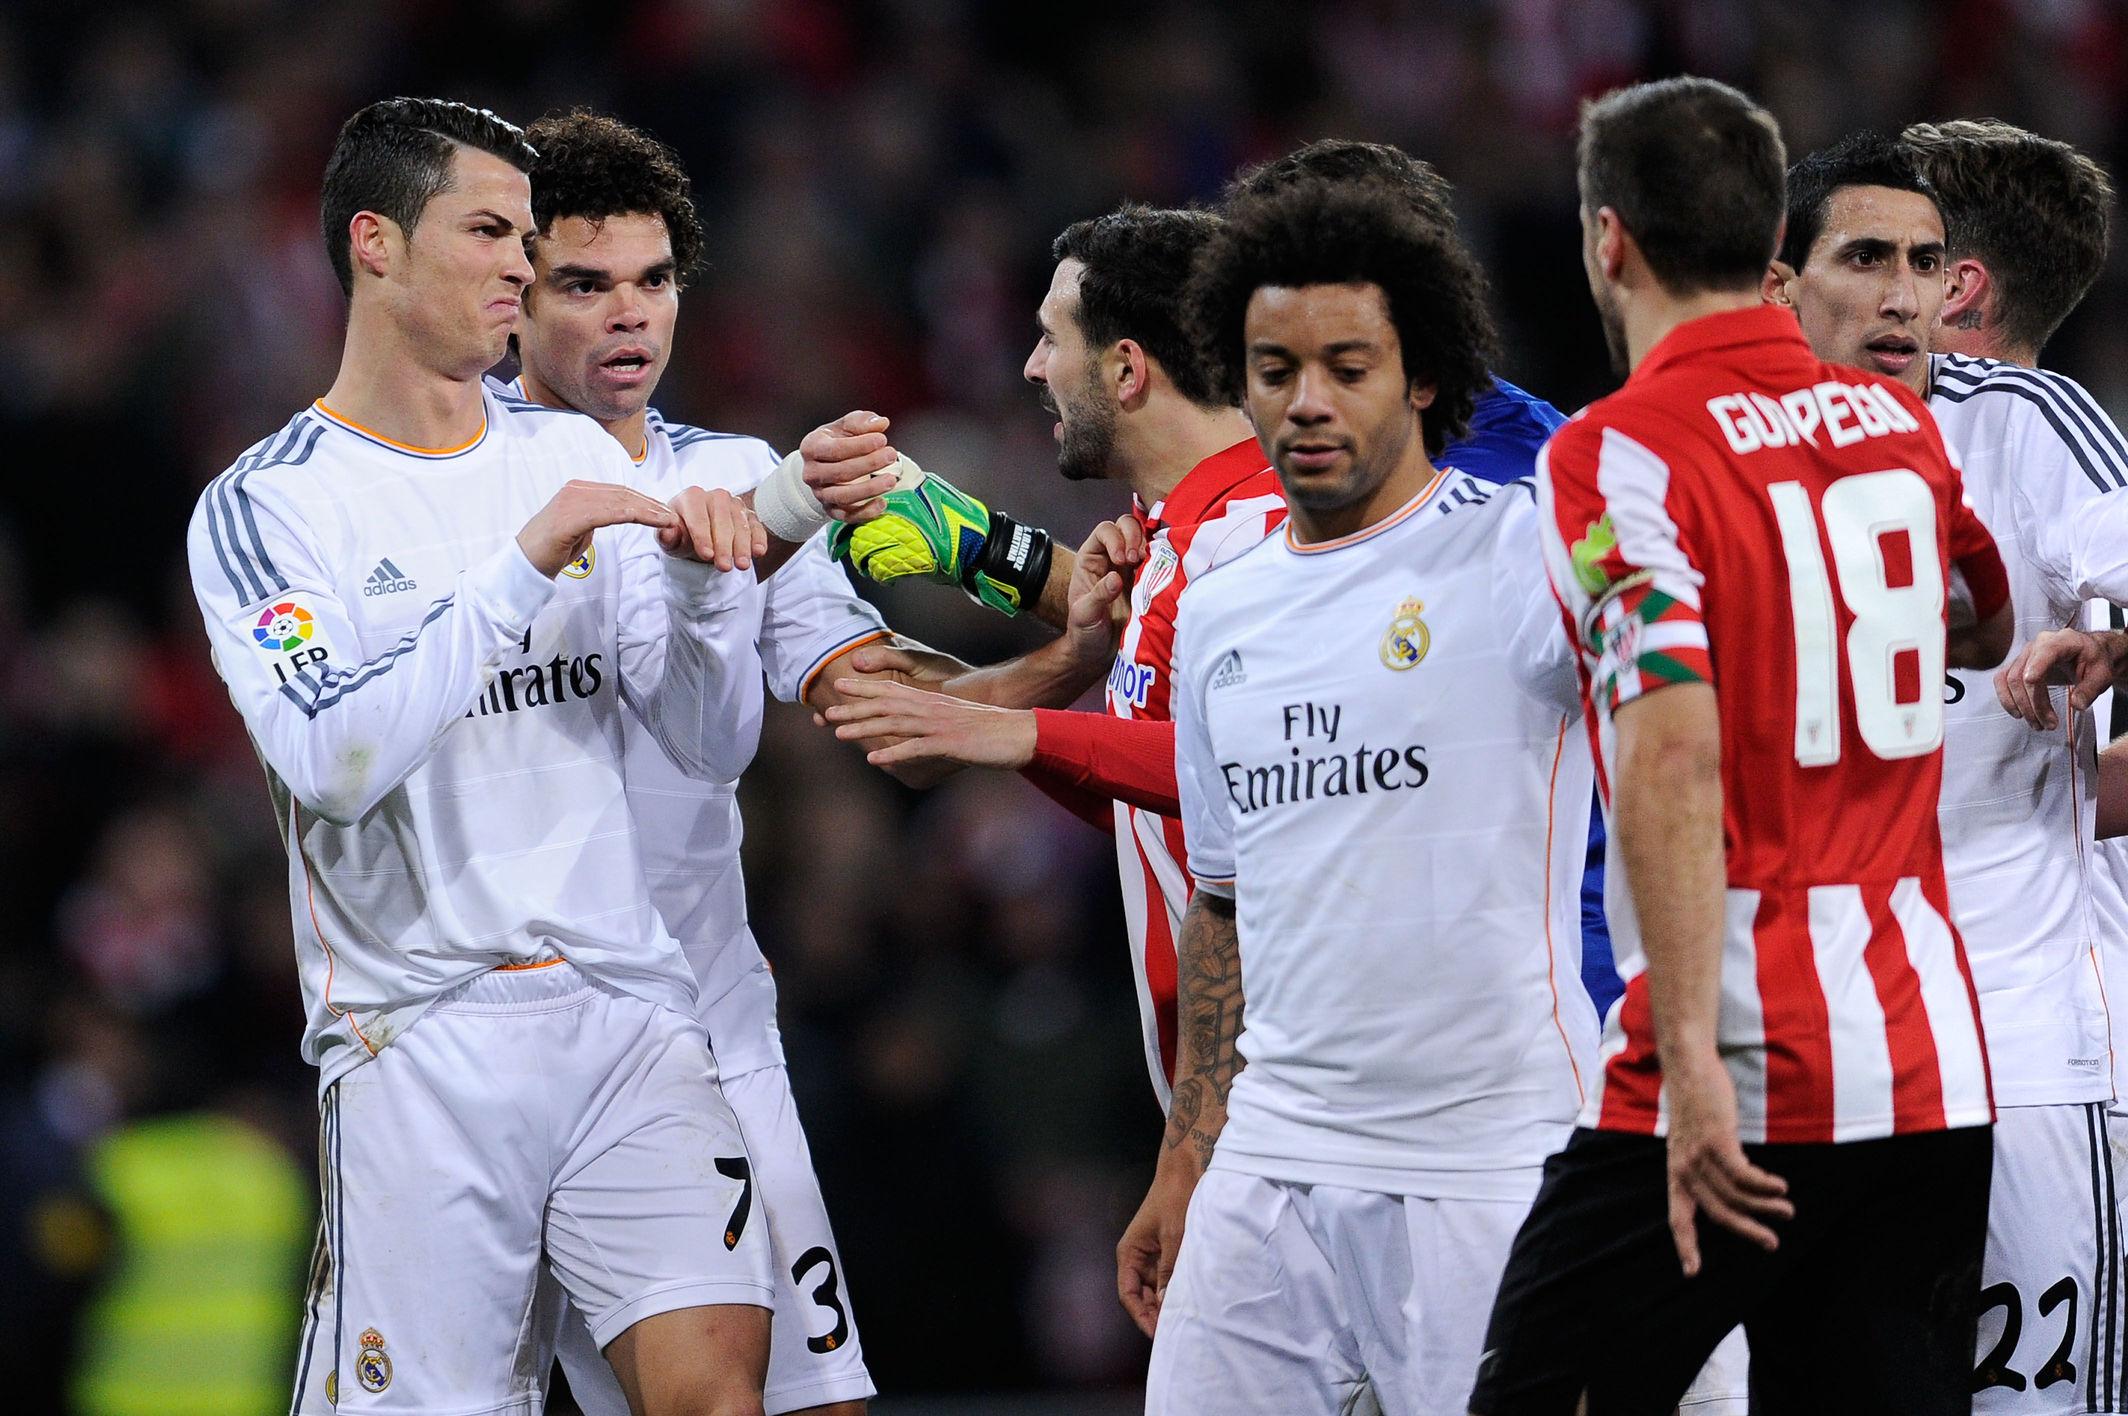 Матчи Реала с Атлетиком тоже зовутся Эль Класико. Баски ненавидят Мадрид - изображение 2